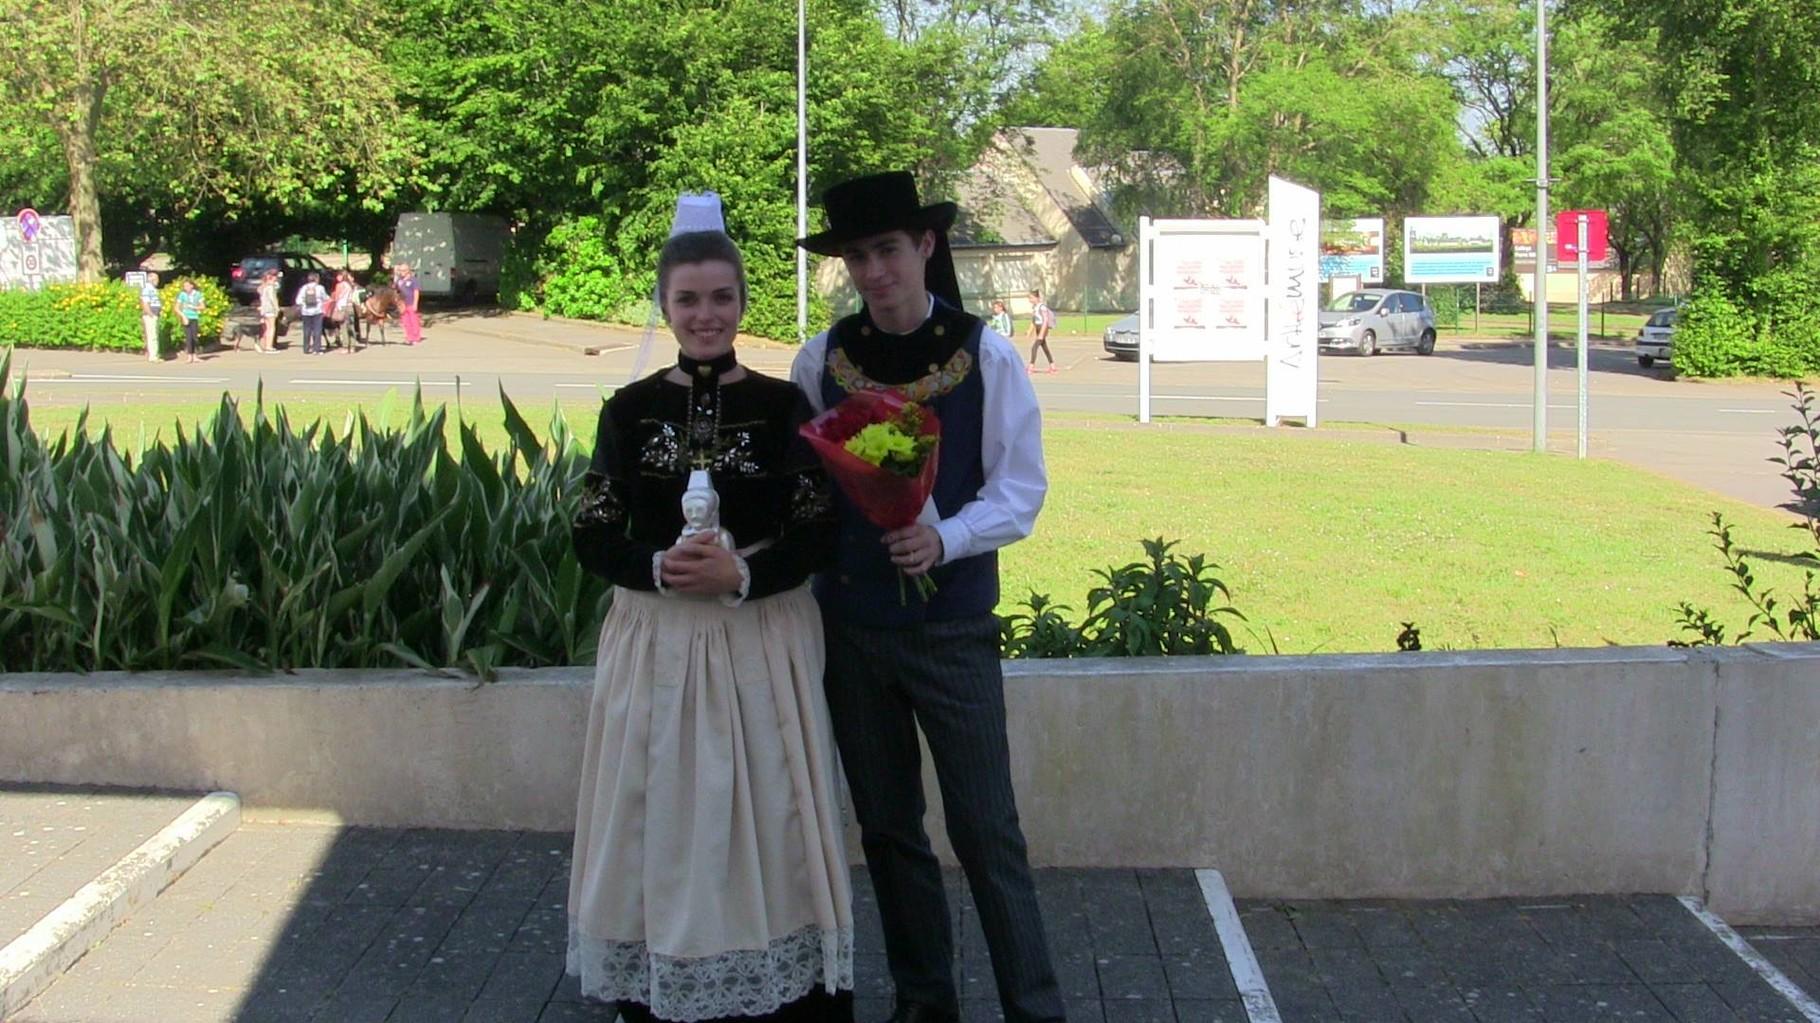 Trophée : Costume reconstitué